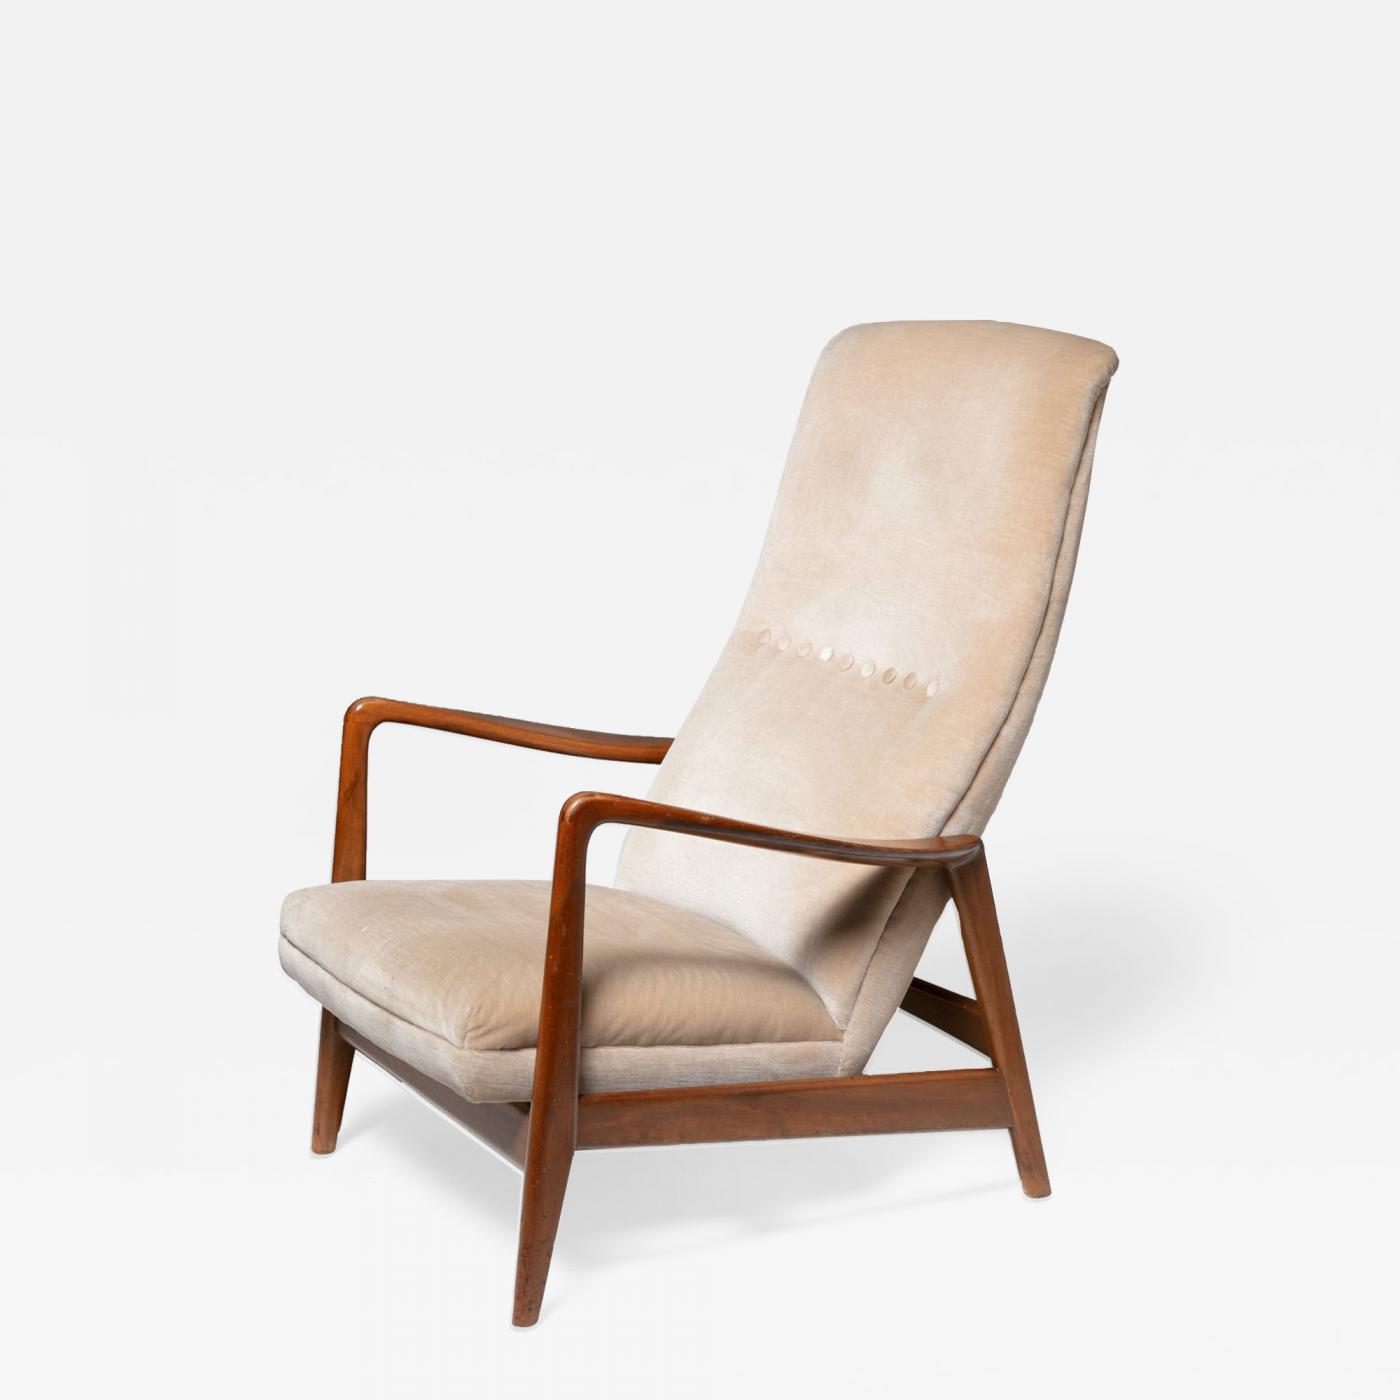 Lounge Chair By Arnestad Bruk For Cassina